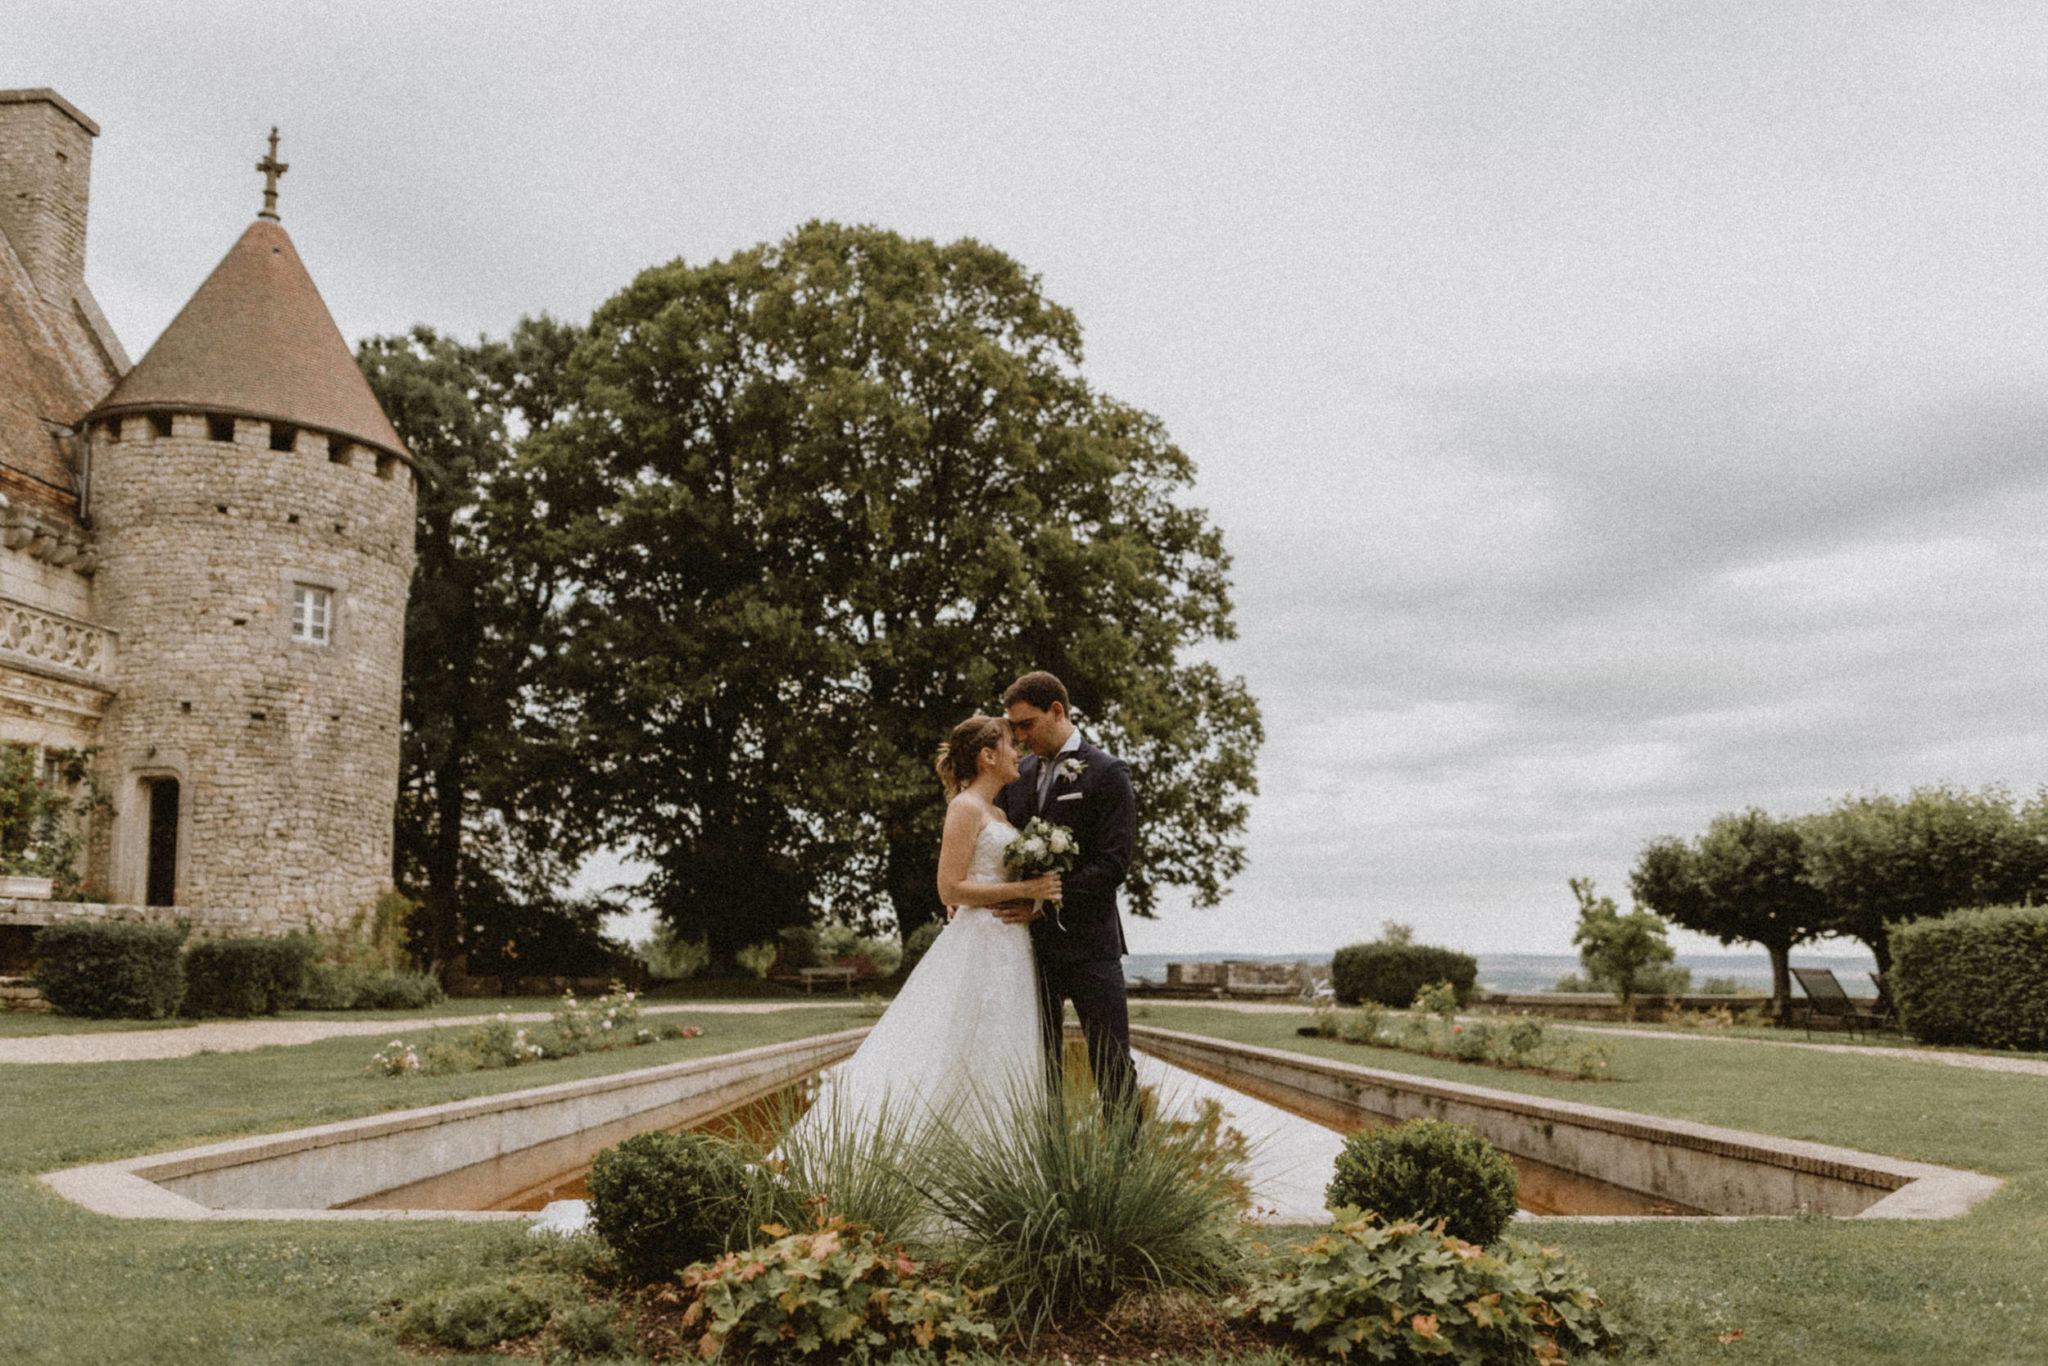 mariage au chateau d'Hattonchalel